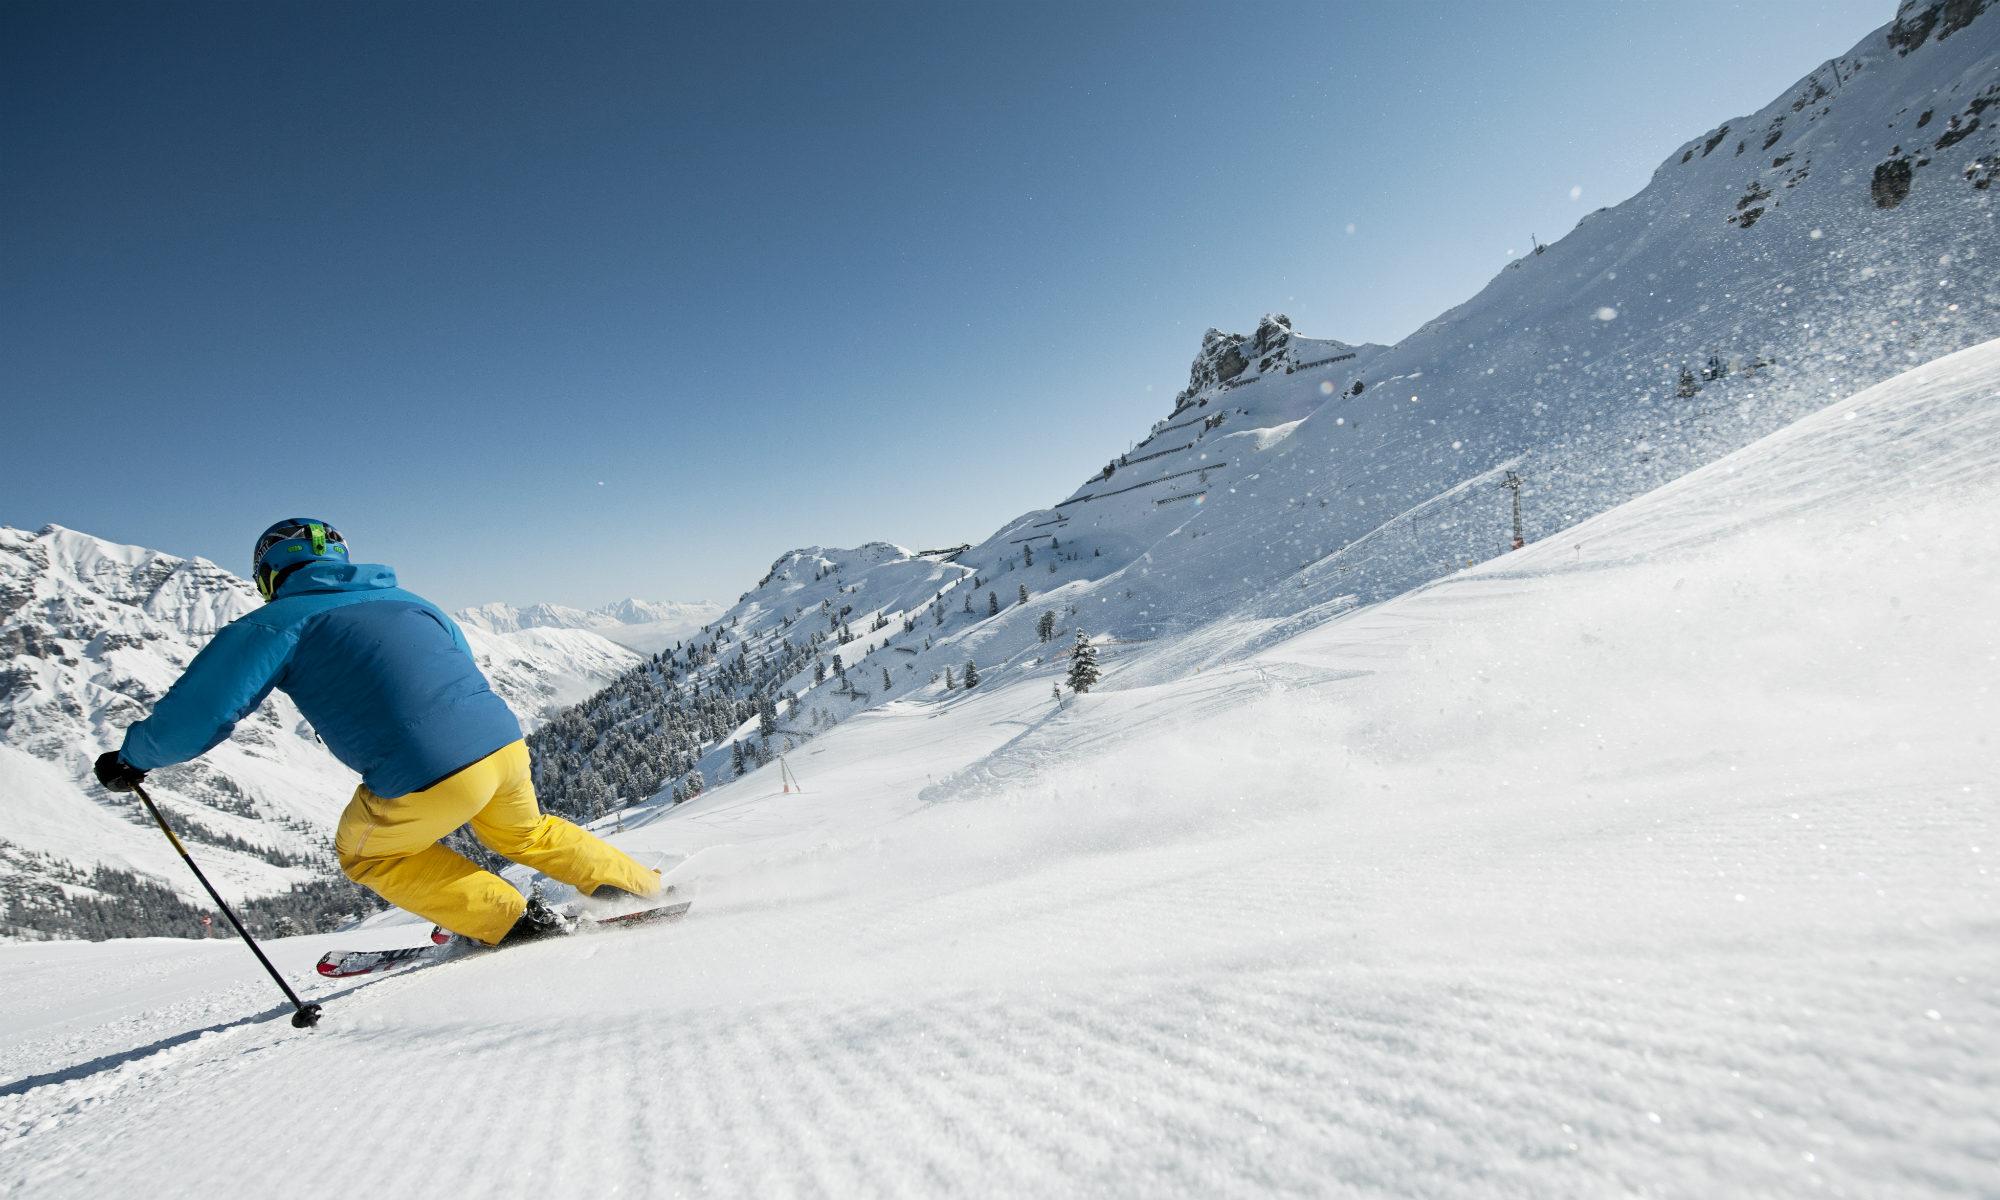 Ein Skifahrer fährt auf einer menschenleeren Piste.